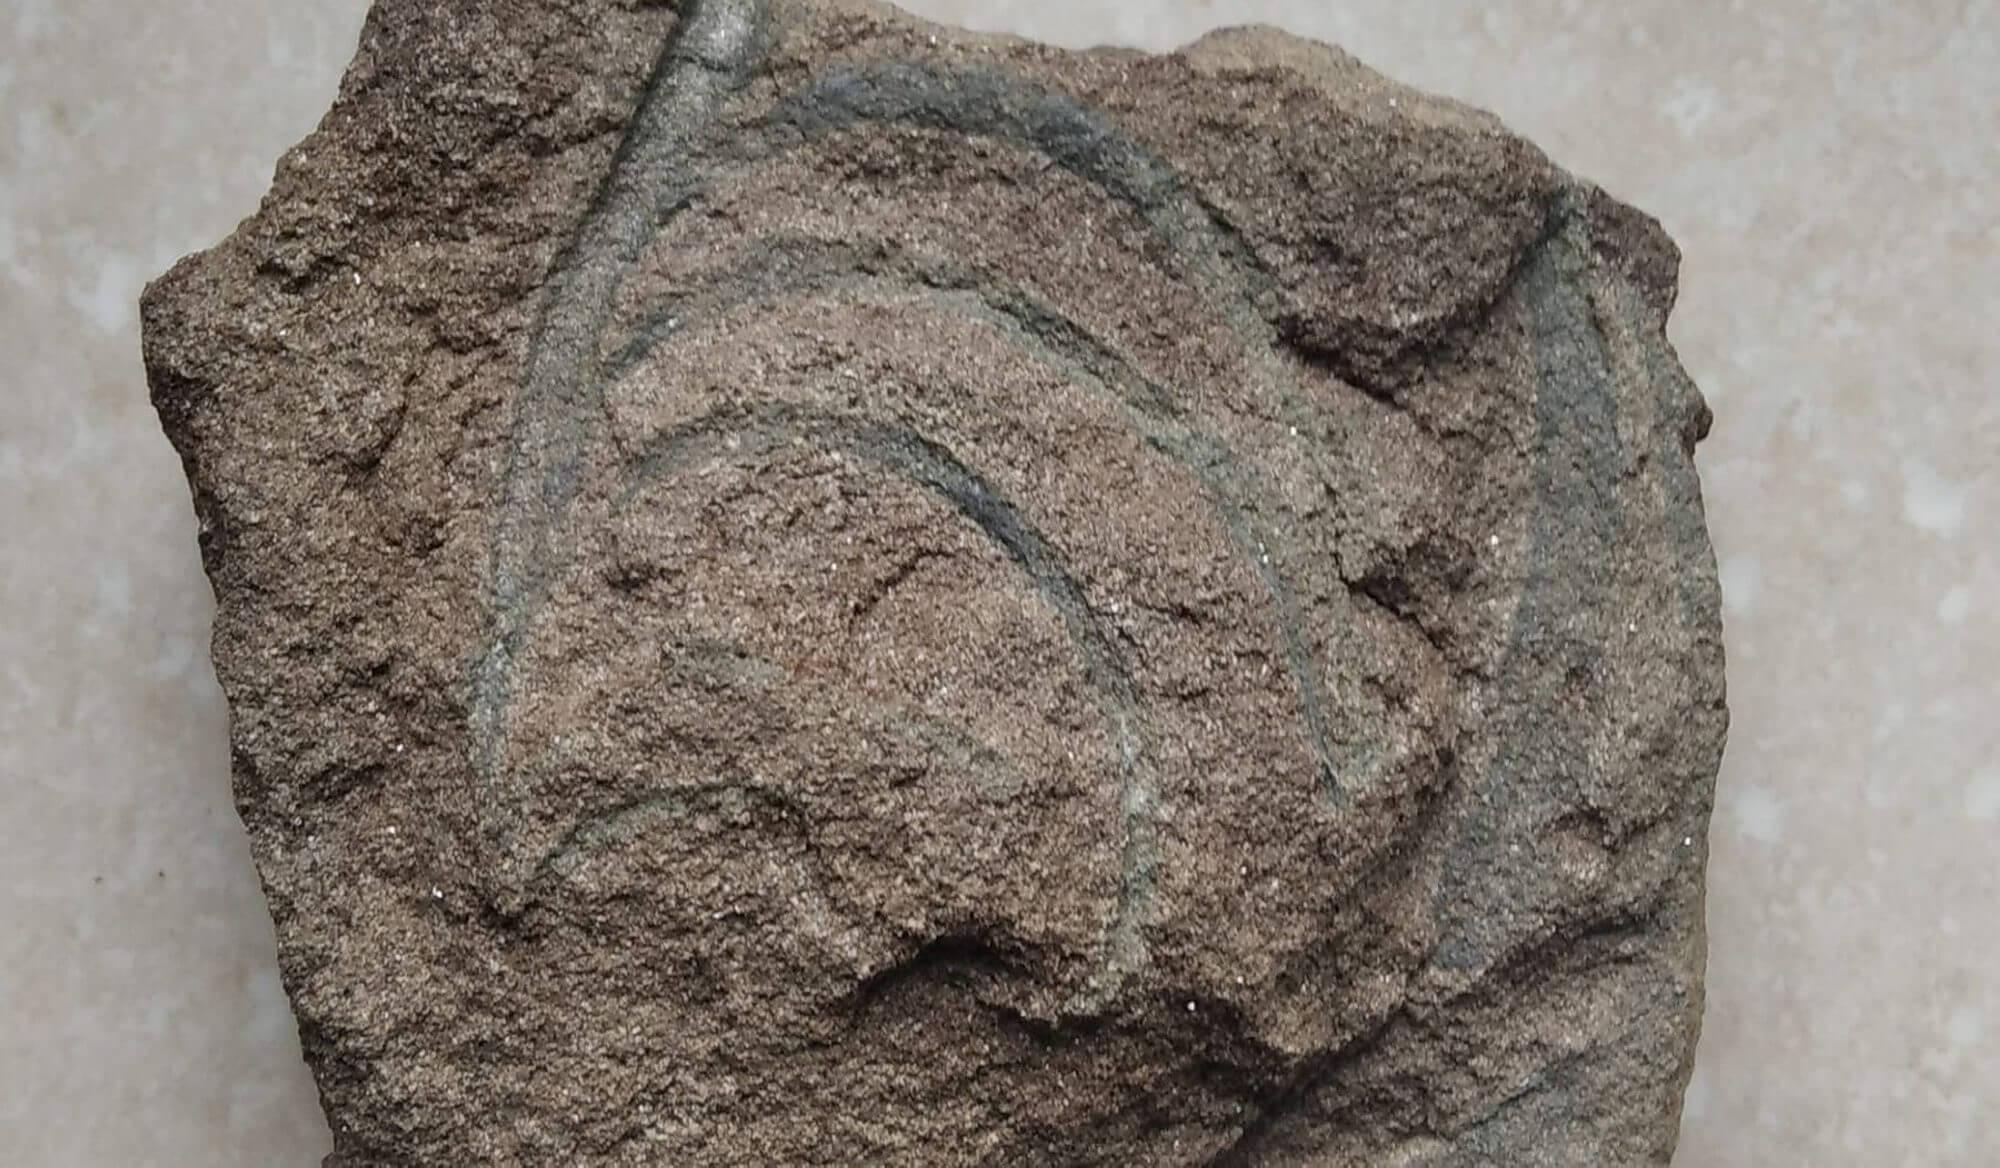 У горах Прикарпаття знайшли камінь з відбитком флори ймовірно давнього океану (ФОТО)